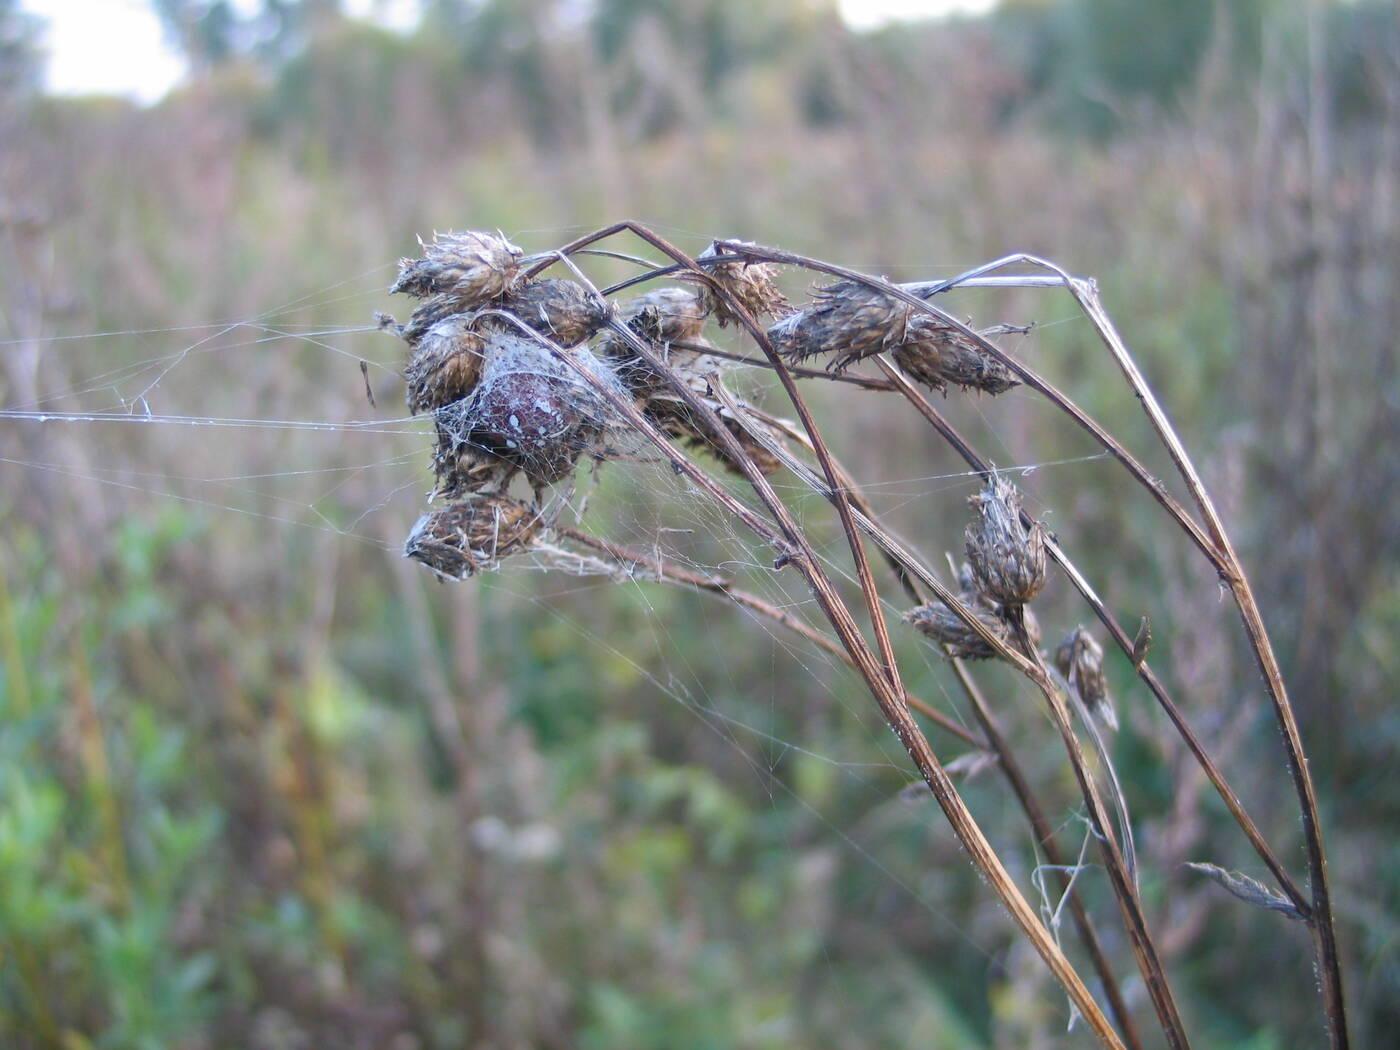 Materiał wykonany z pajęczej sieci stanowi alternatywę dla plastiku